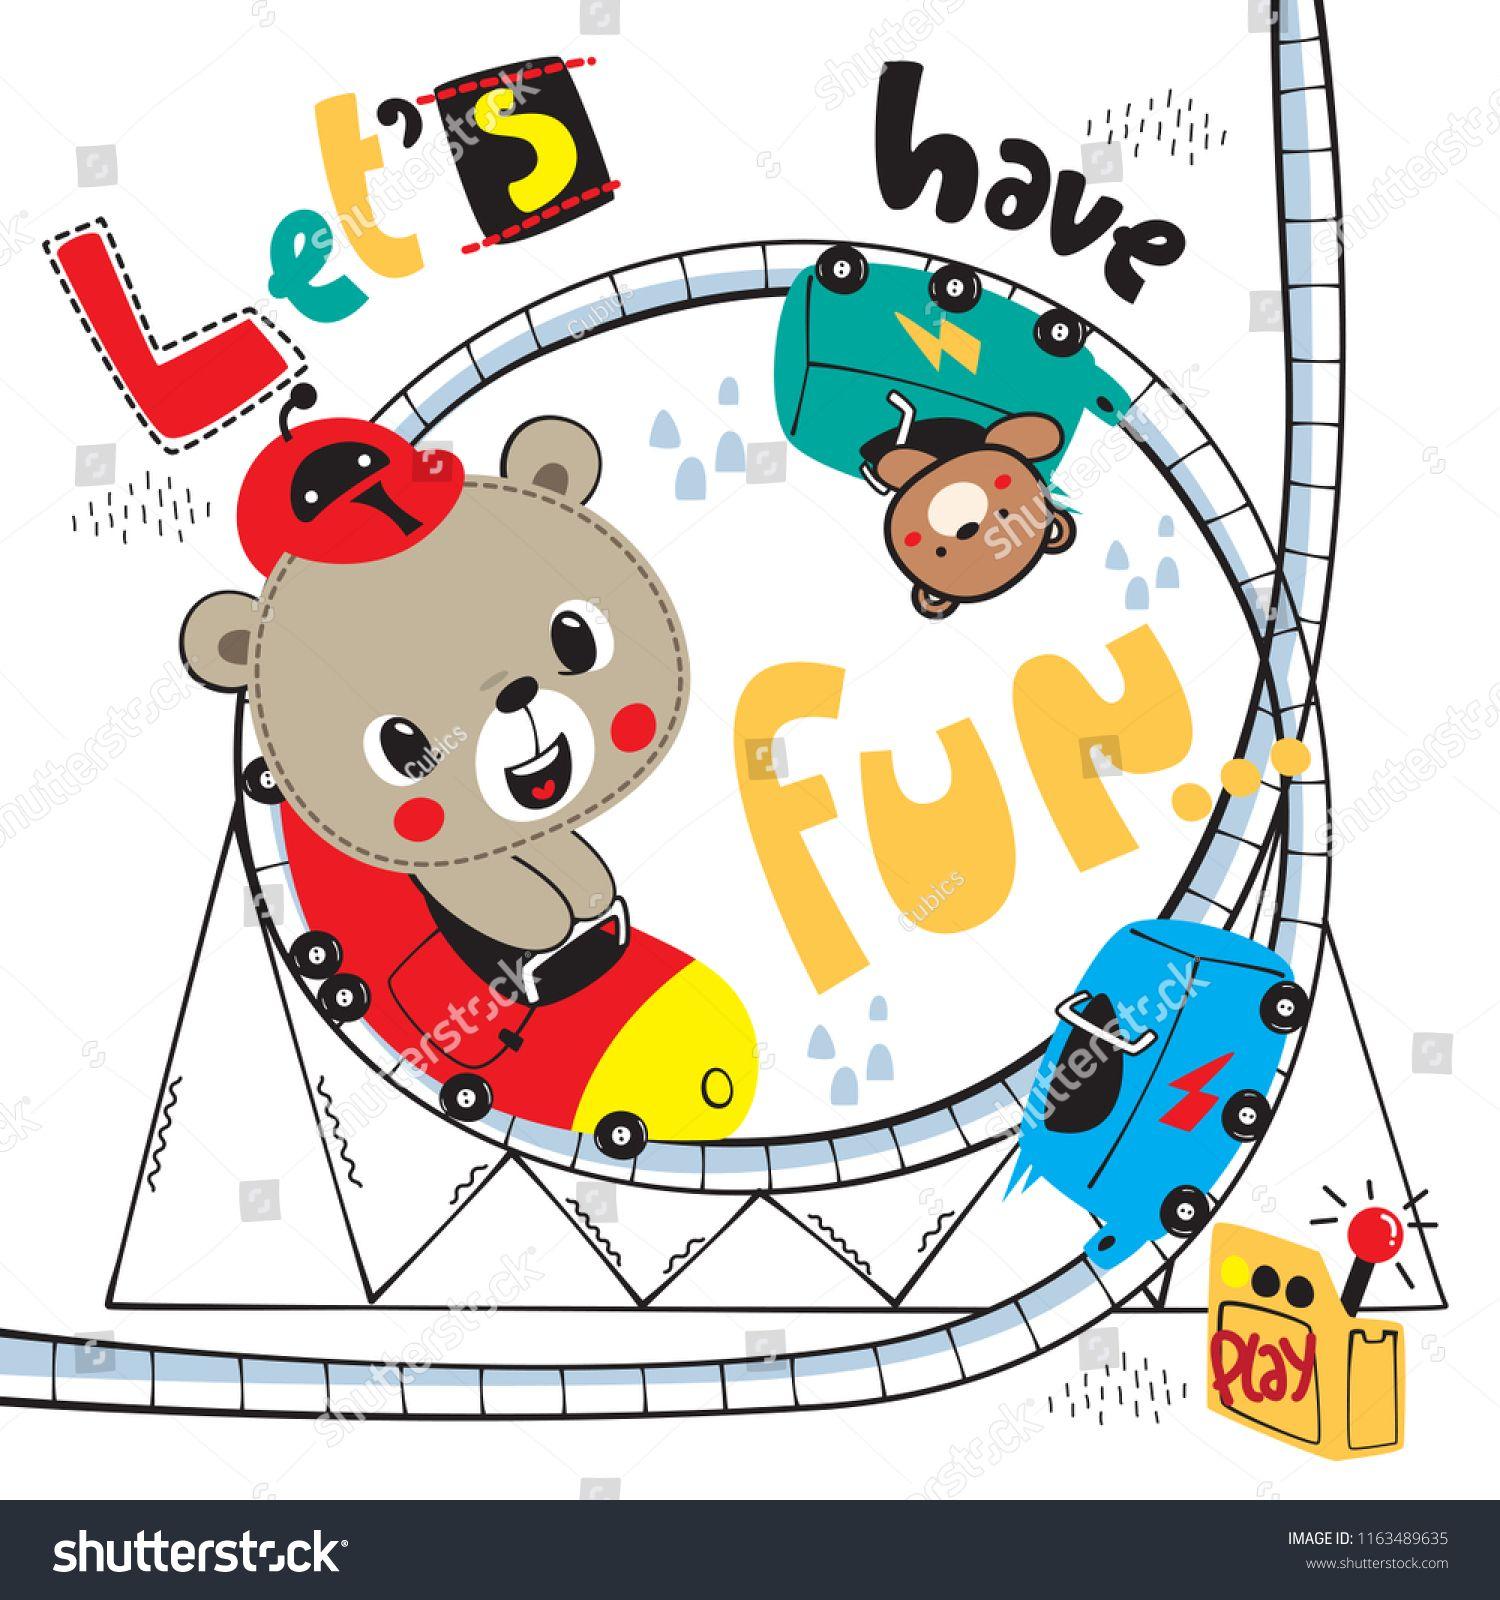 Cute Teddy Bear Cartoon Riding On A Roller Coaster Isolated On White Background Illustration Vector Cartoon Ri Teddy Bear Cartoon Cute Teddy Bears Bear Cartoon